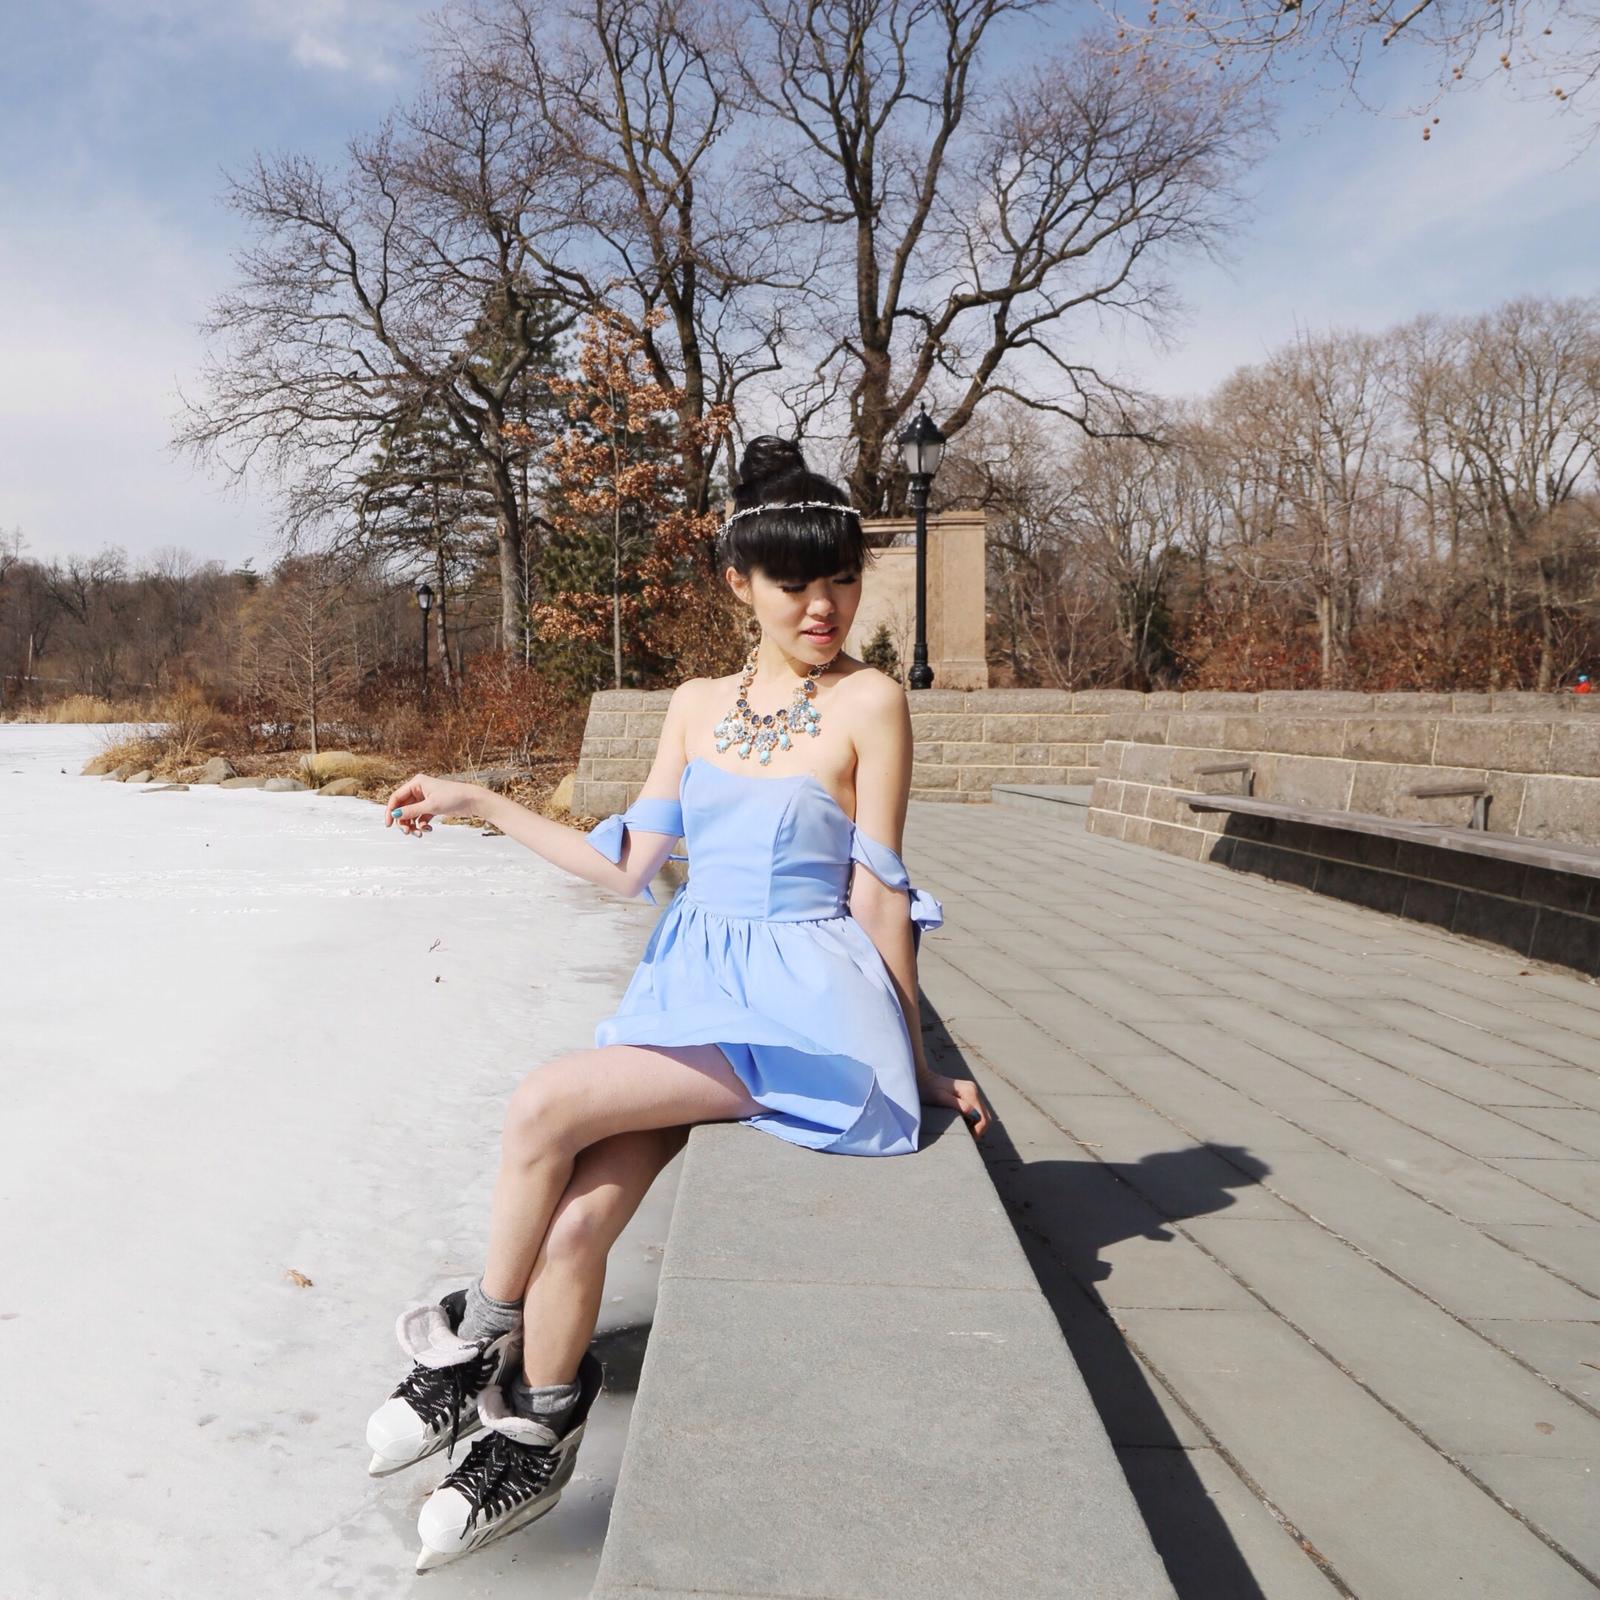 Rachel_skater